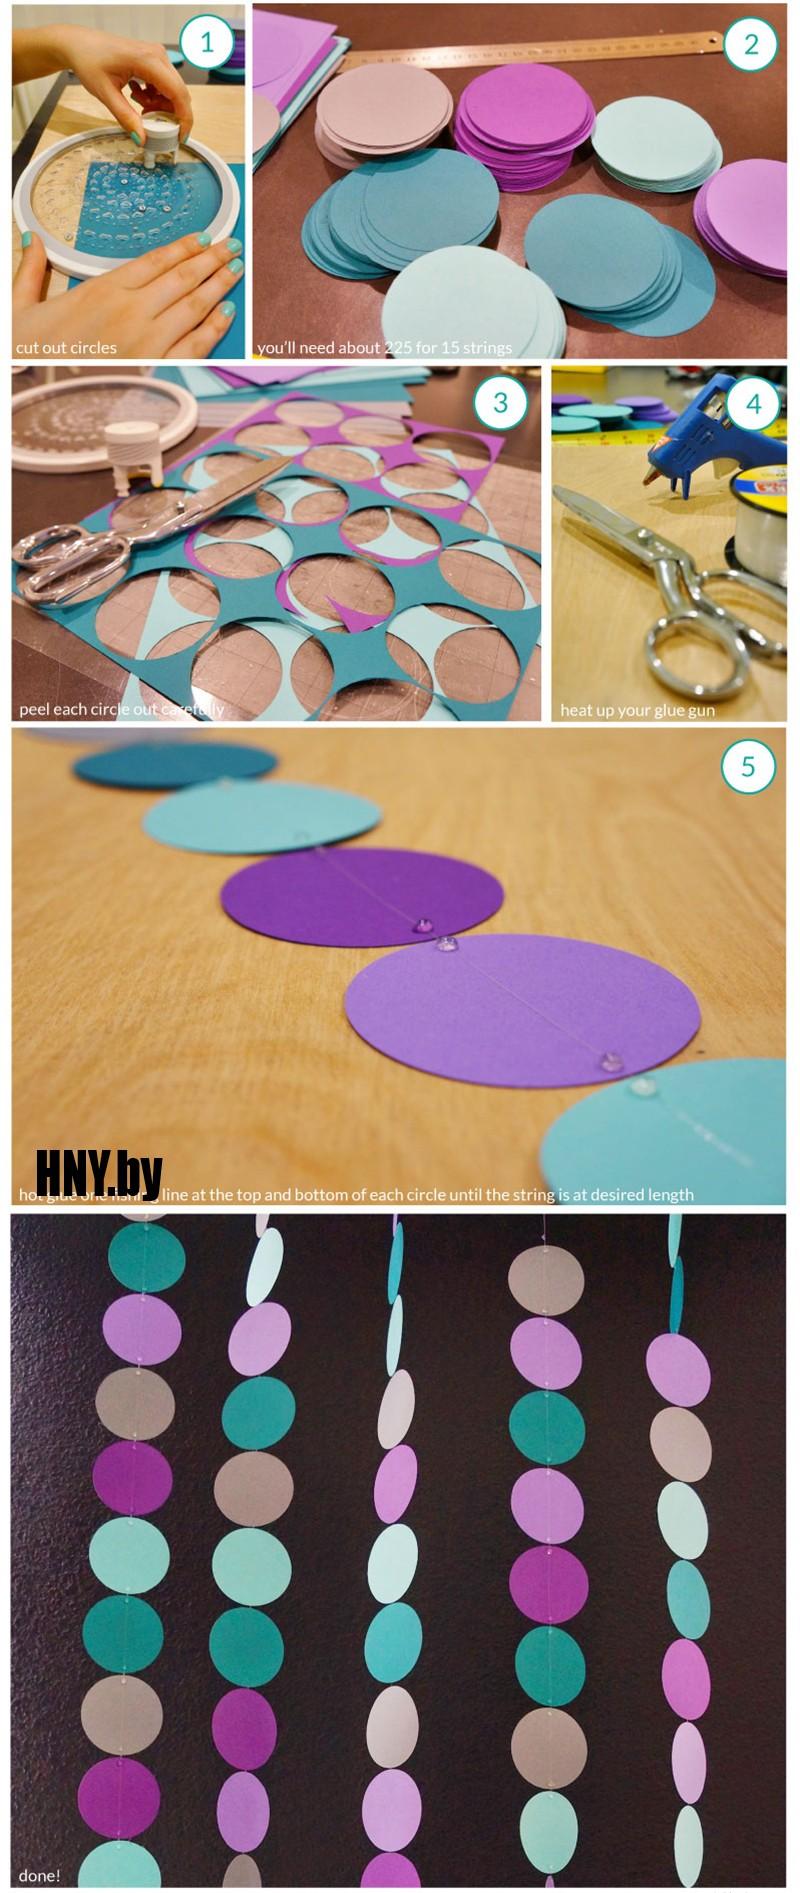 Гирлянда на новый год из бумажных кружков: декорируем интерьер просто и со вкусом